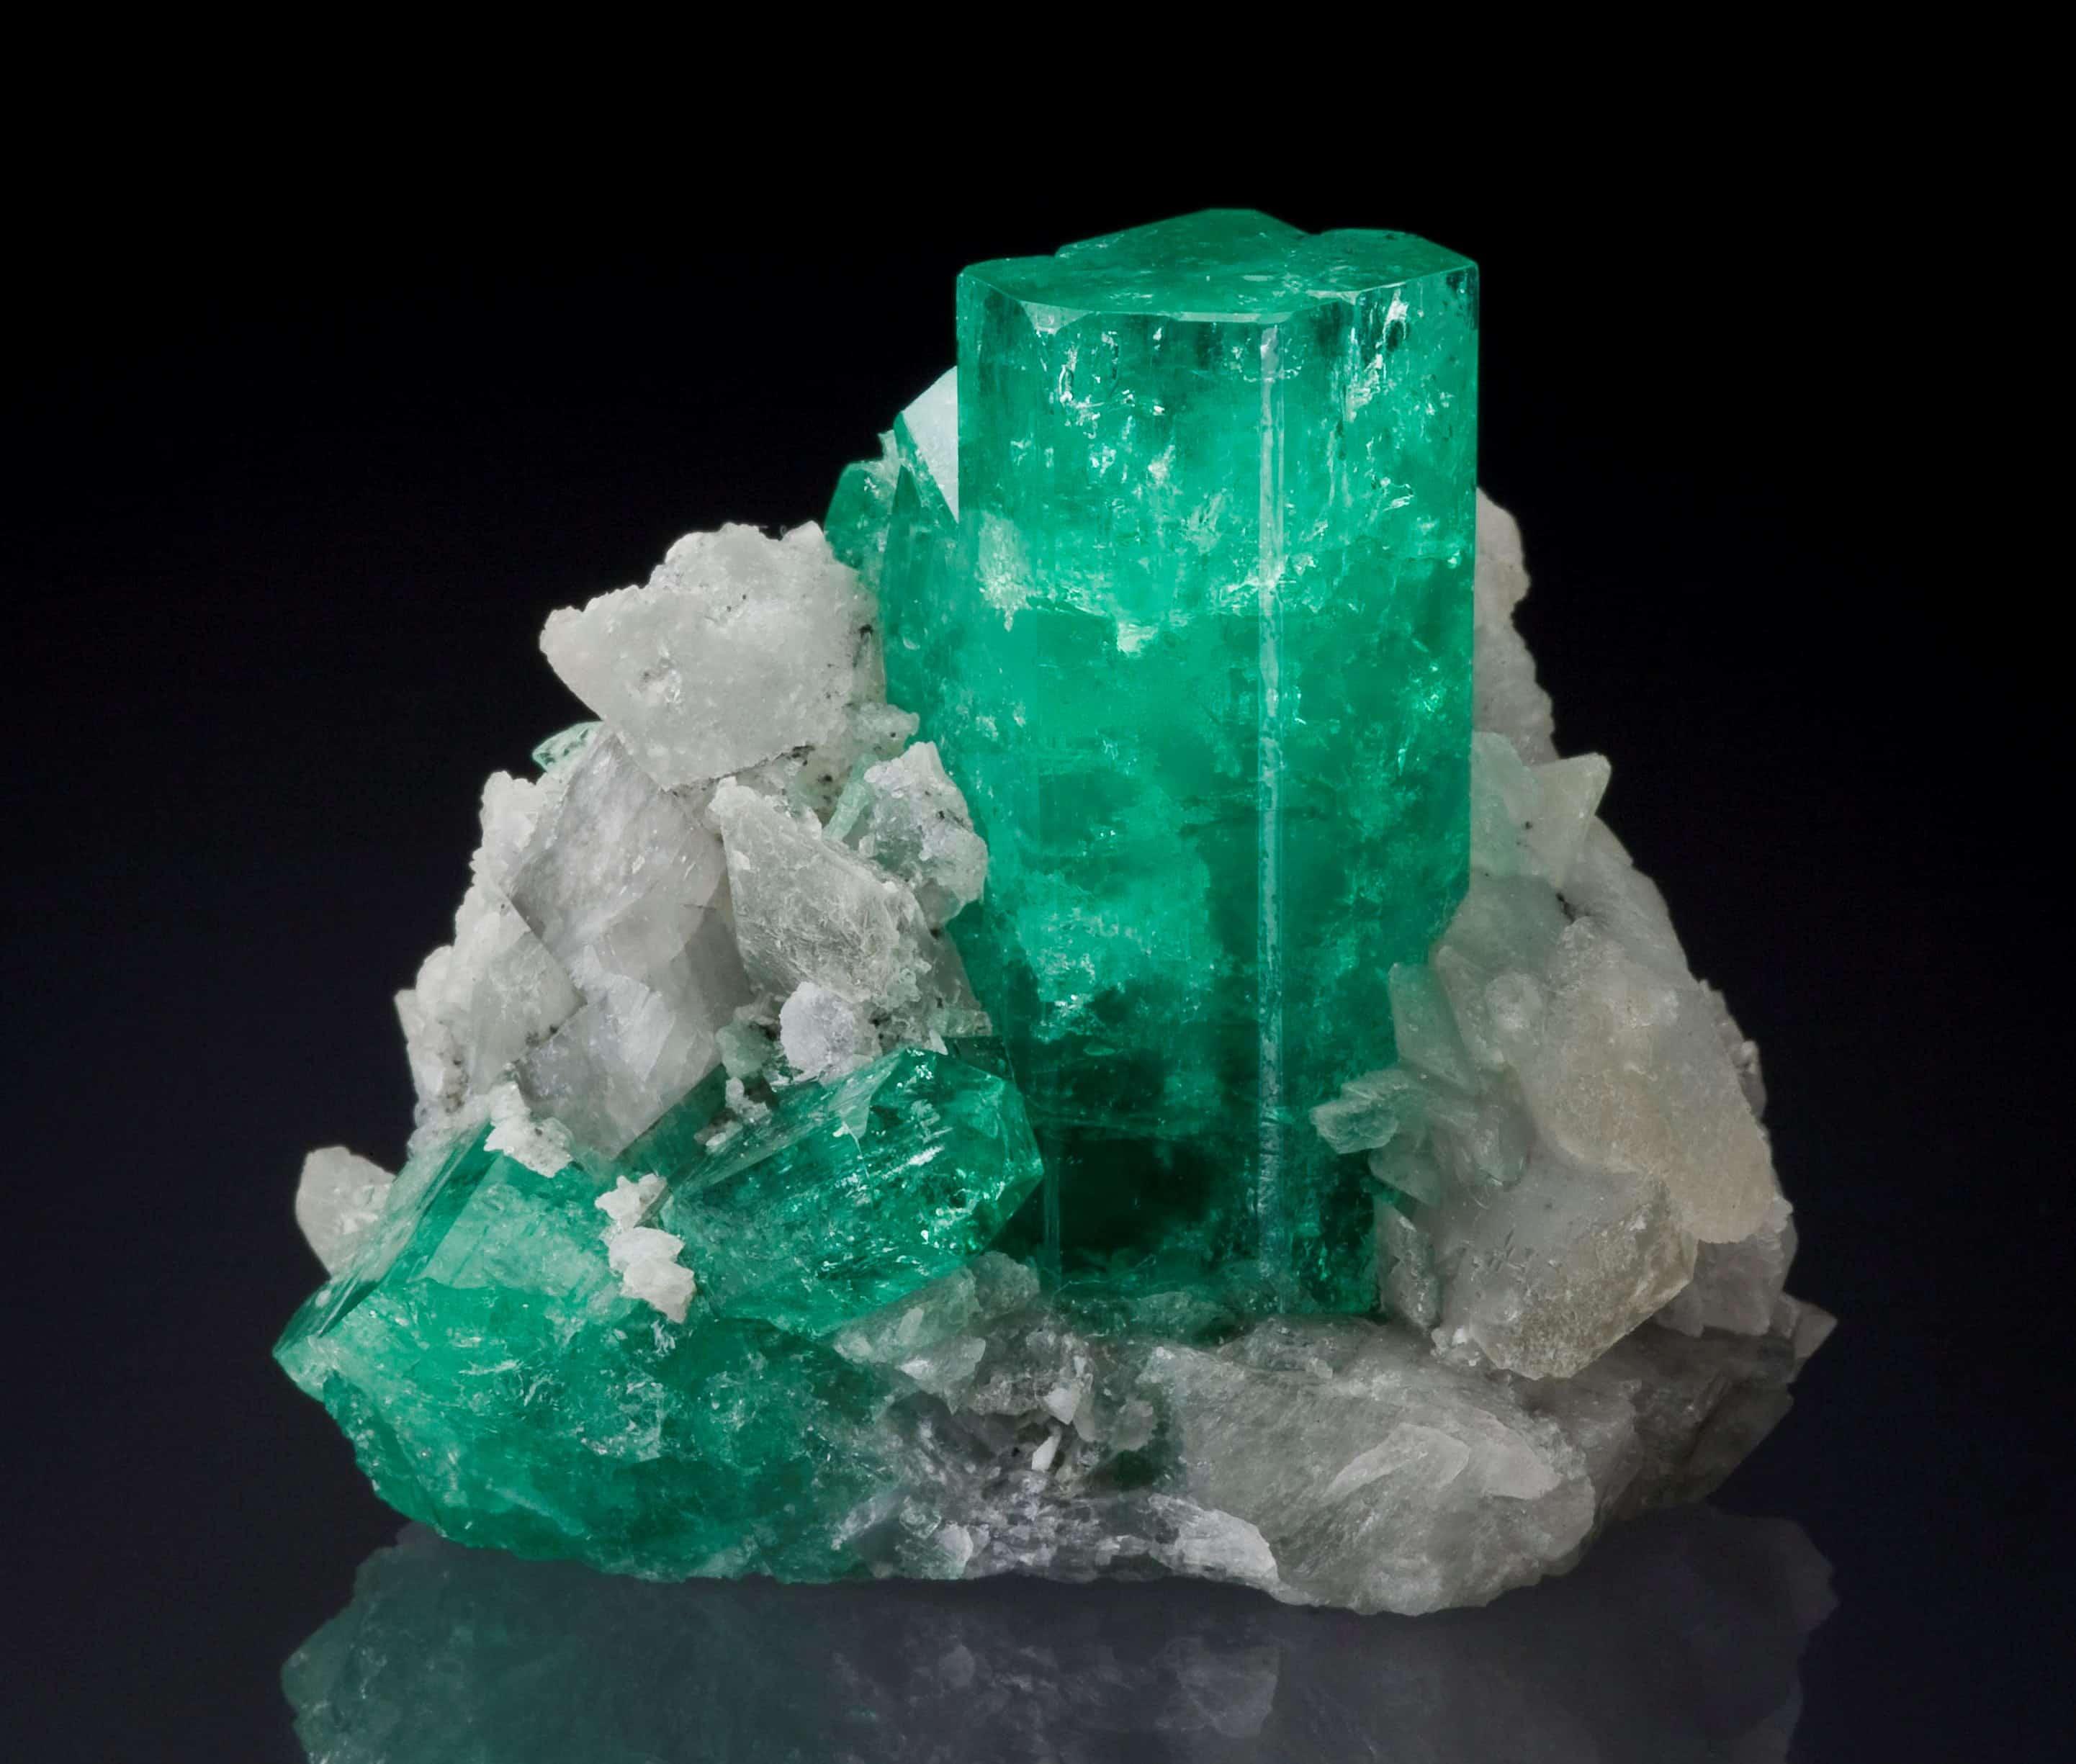 Essenza Smeraldo - Stile Olistico Benessere Naturale